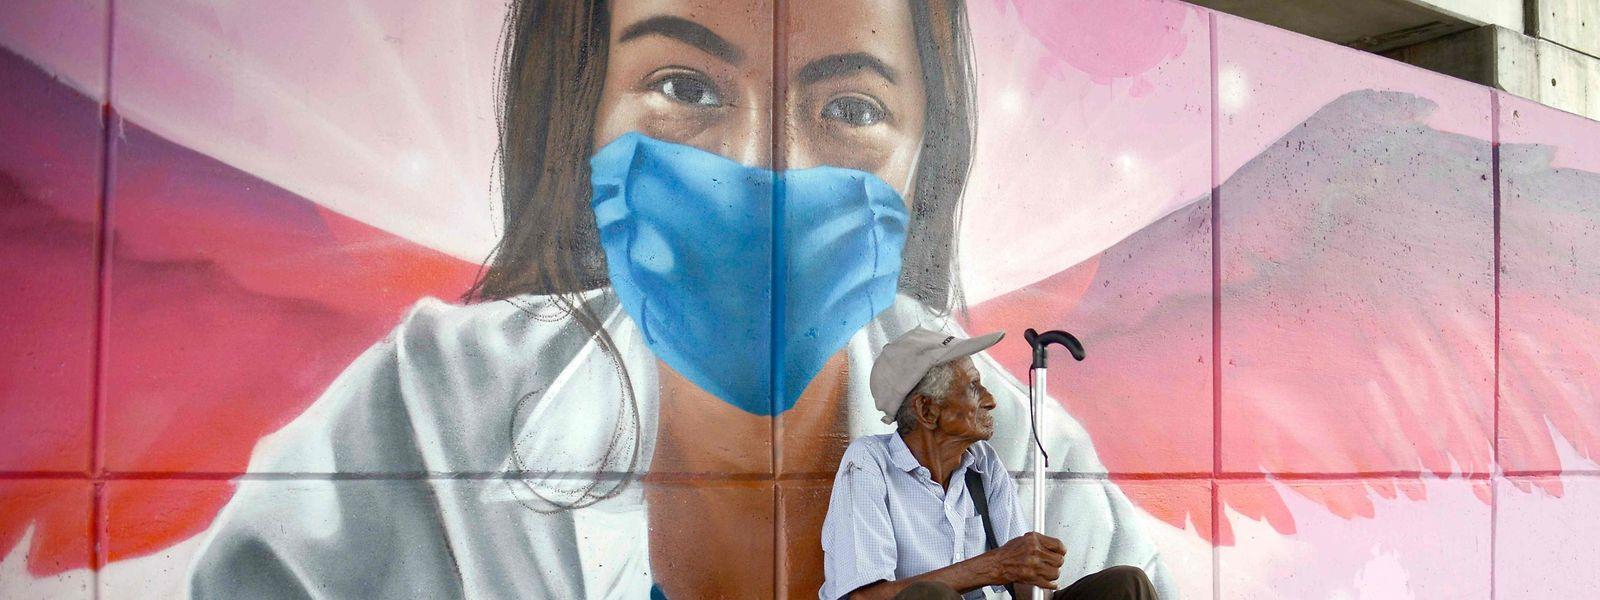 Mexiko, zweitgrößtes Land Lateinamerikas, verzeichnet rund 26 000 Infizierte und mehr als 2500 Tote.